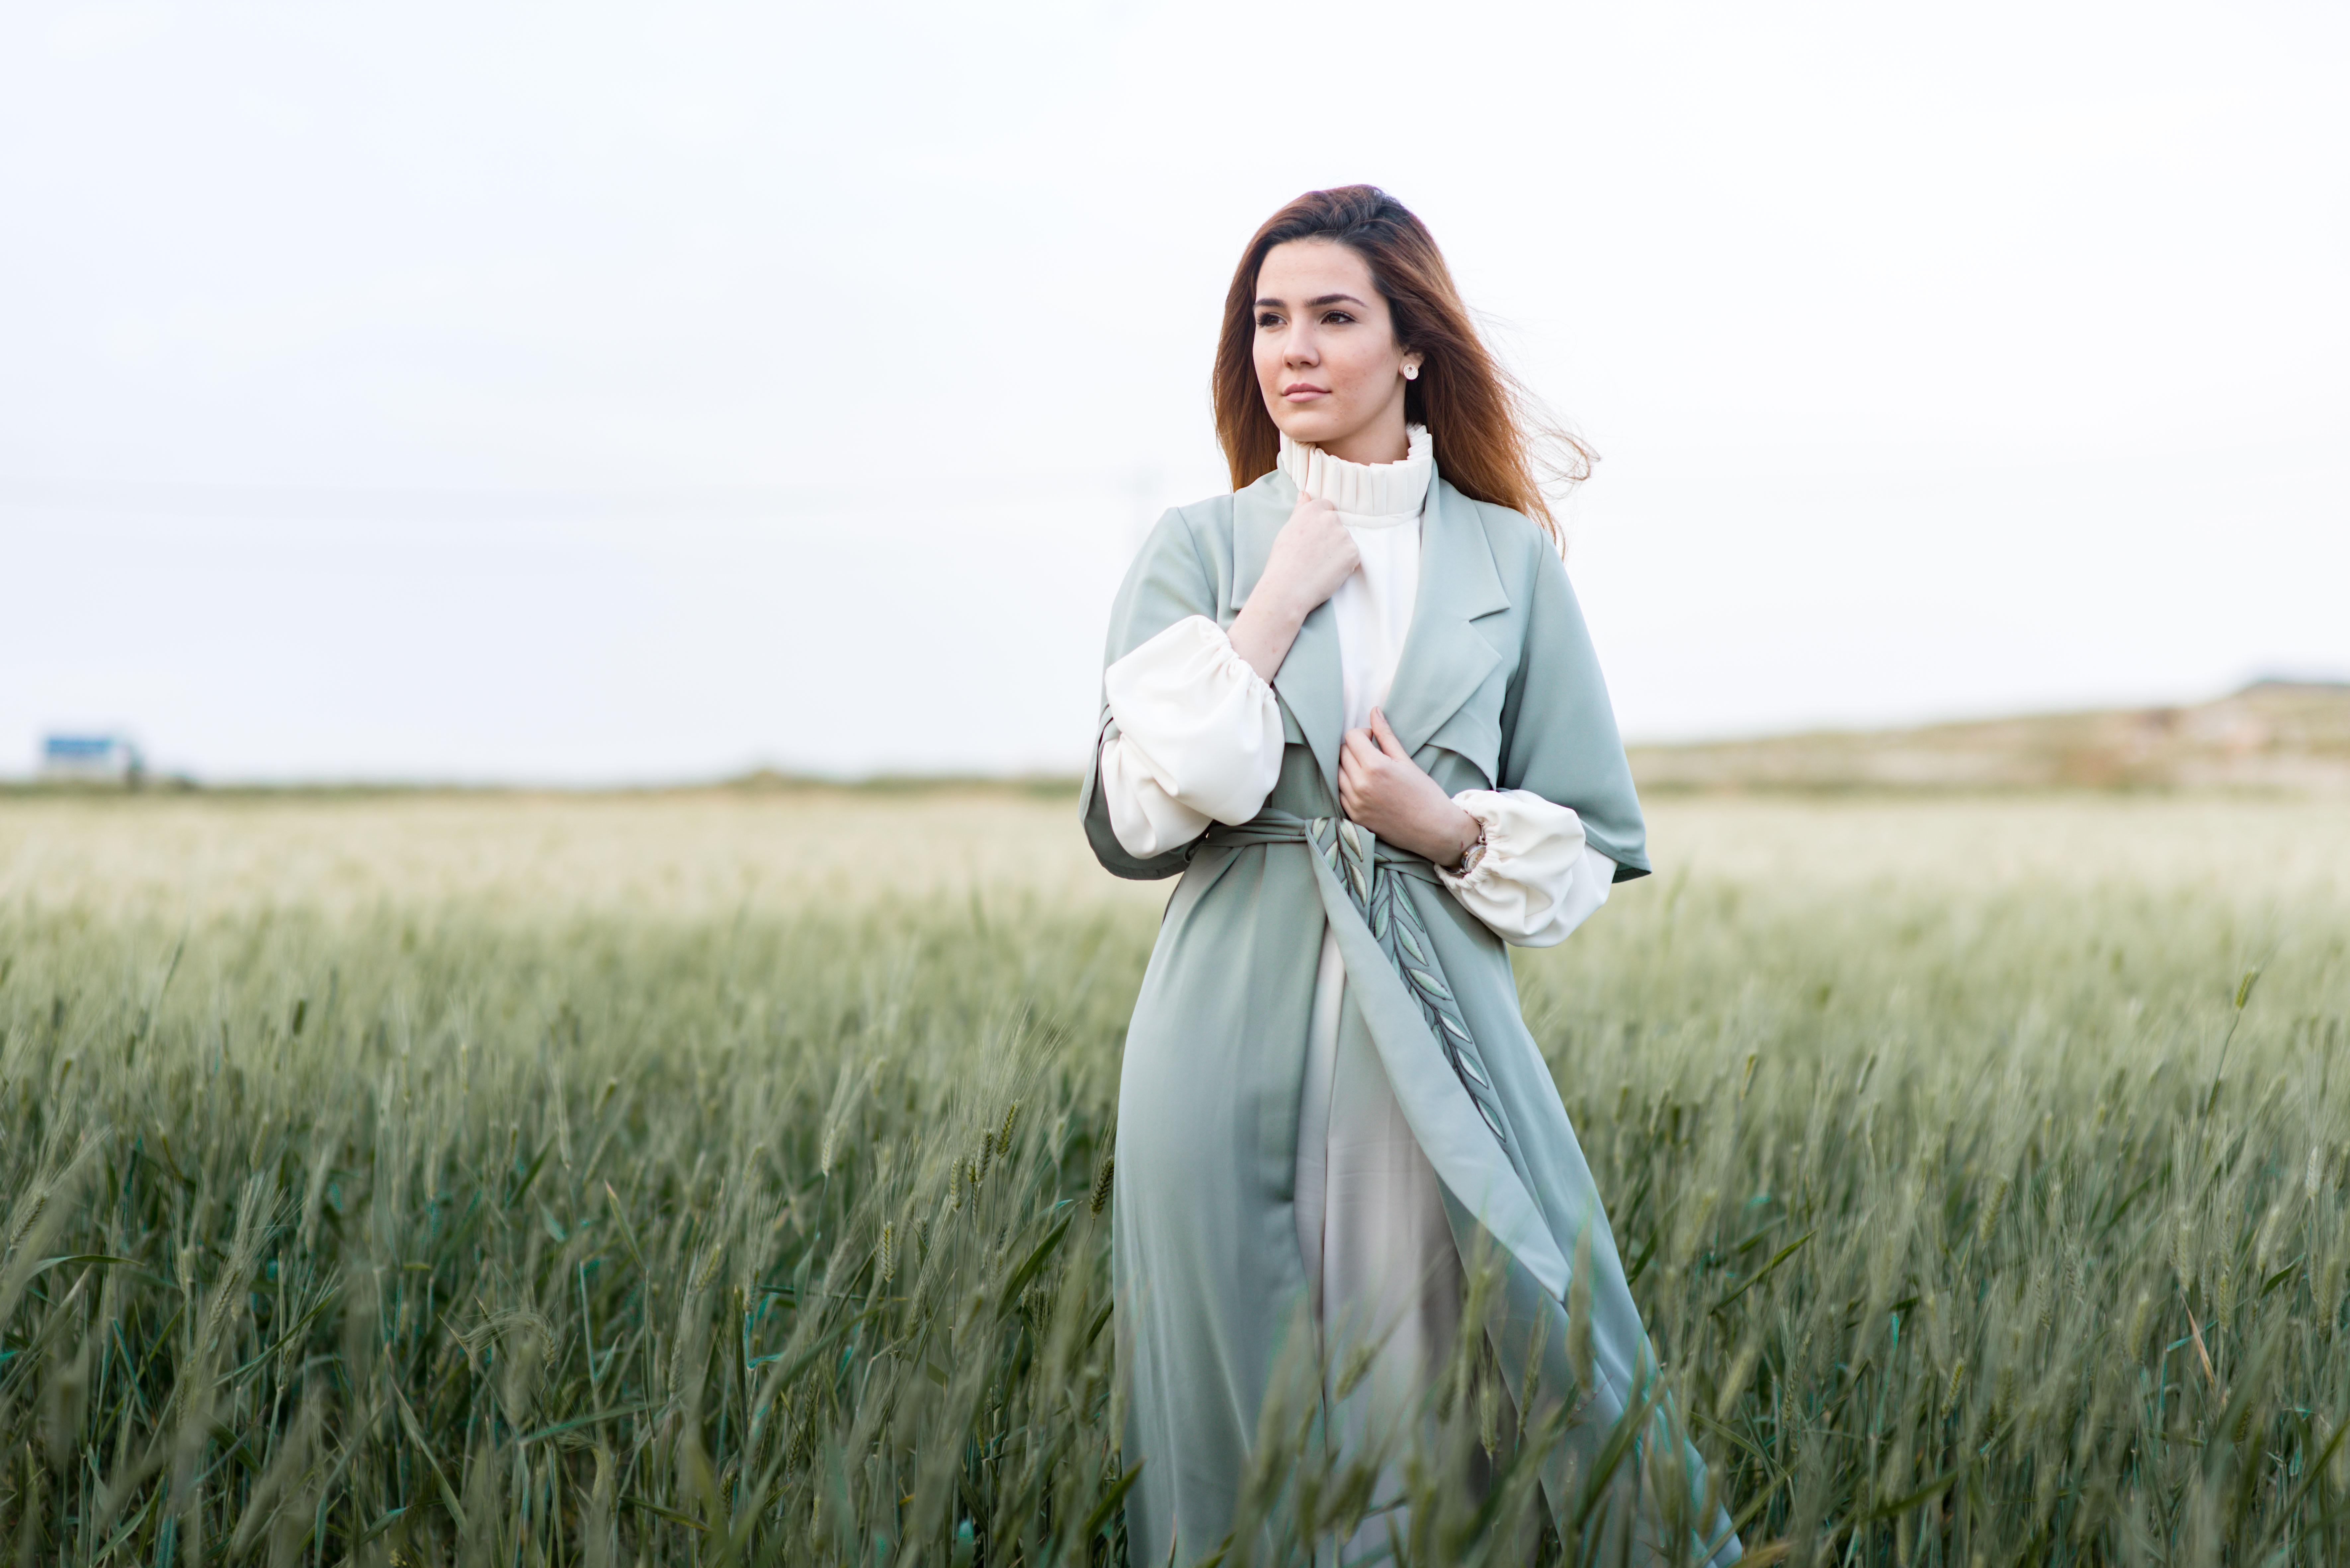 woman standing on grain fields